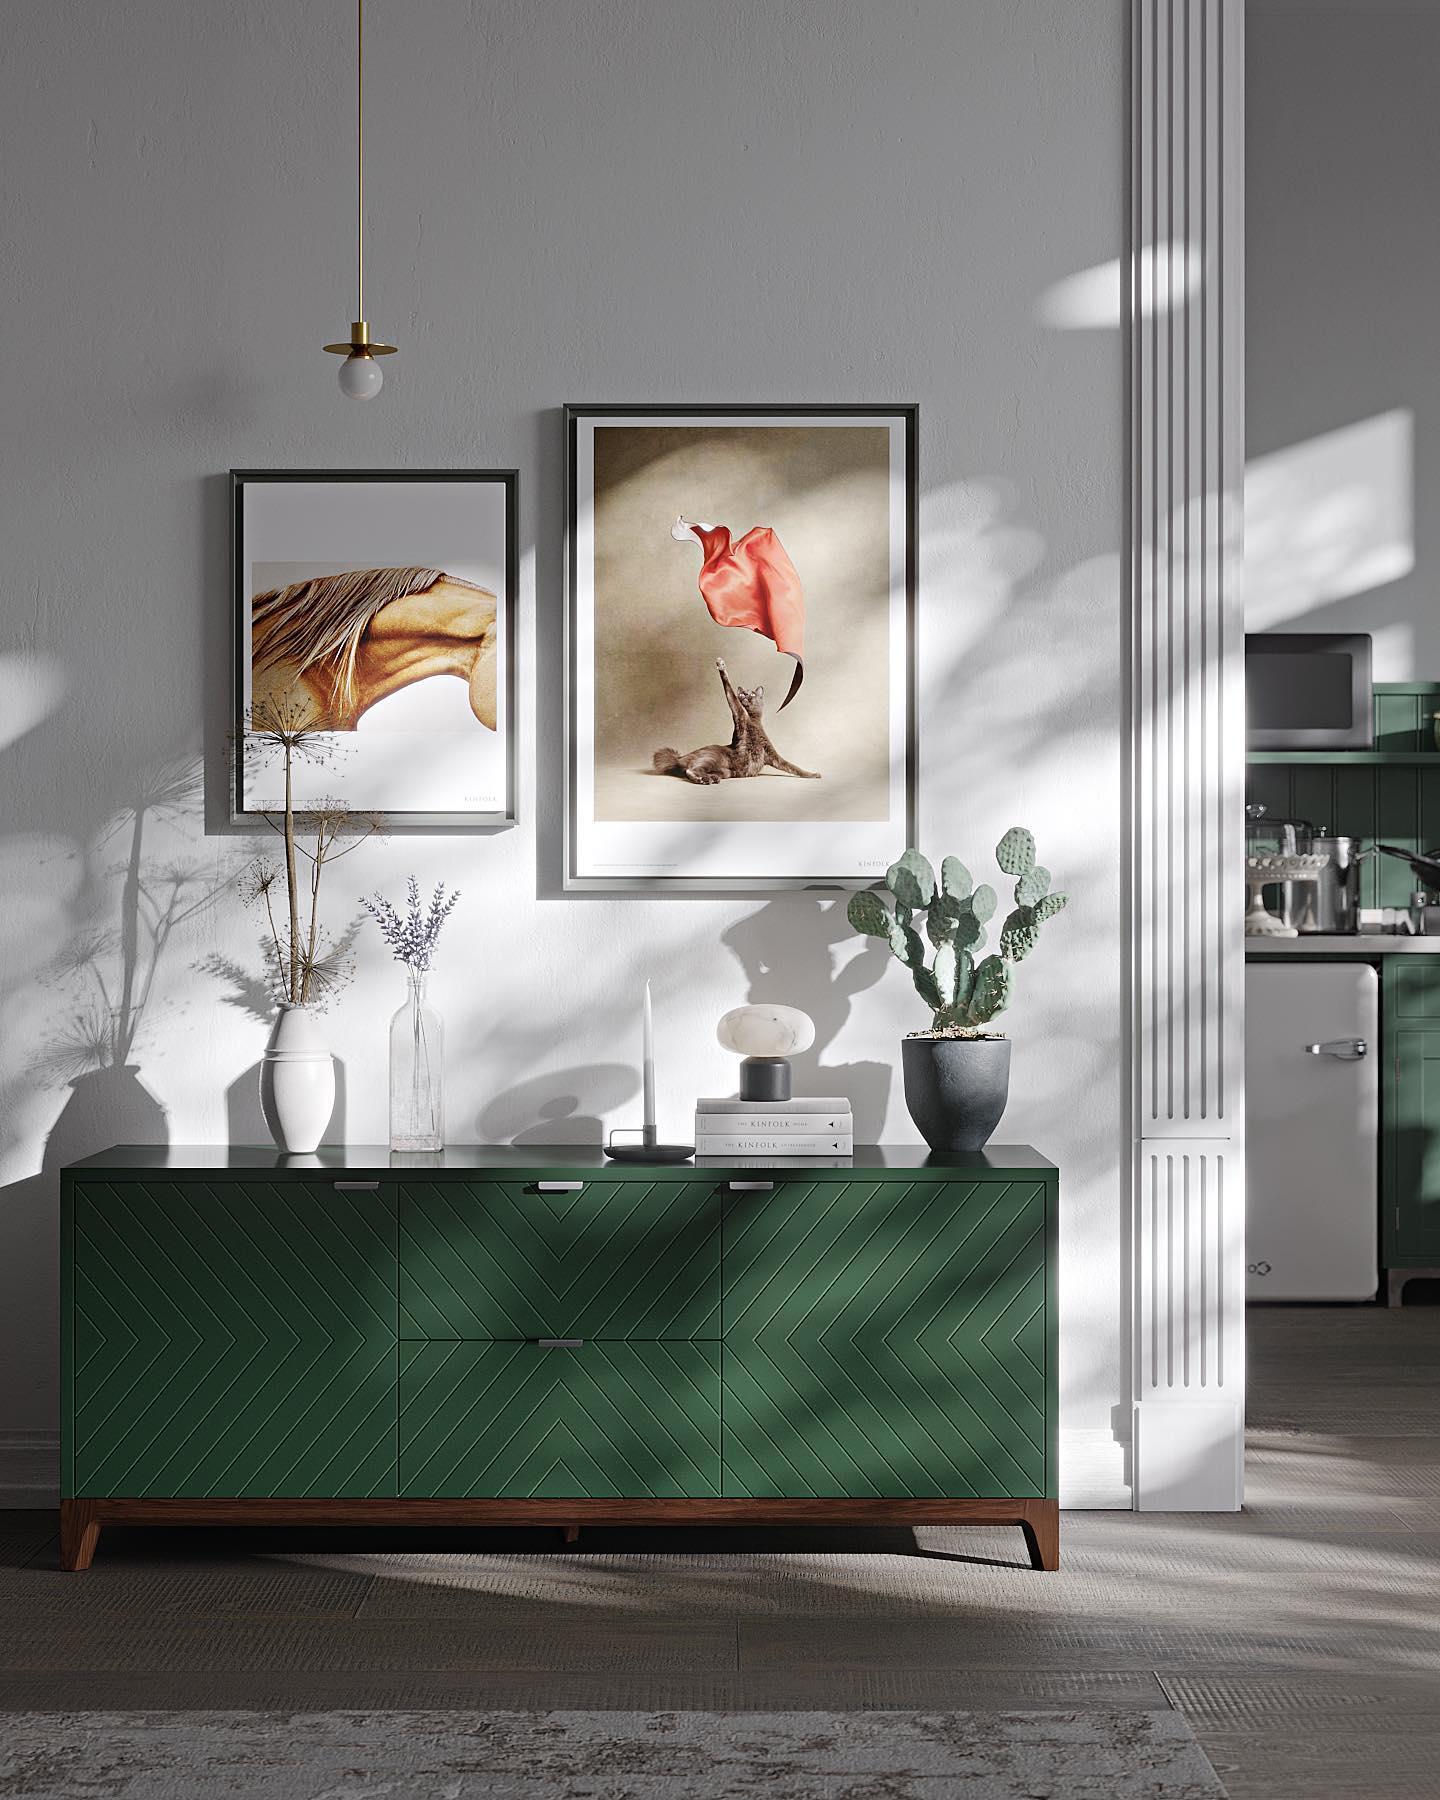 Осень уже дышит в затылок, скоро домашний уют станет жизненно необходим. Если в вашей квартире всё ещё не хватает яркости и комфорта, то вы в нужном аккаунте — наша мебель дает эмоции, которые согреют самое холодное осеннее утро.    Тумба под ТВ из коллекции Case в цвете «Хвоя» — это вместительное хранилище, генератор уюта и предмет искусства в одной вещи: ТВ можно заменить на живопись и декор, так даже симпатичней.    ✔️Цена: 61 900 руб.  Тумба доступна в 30 стандартных цветах эмали и в любом цвете из палитры RAL (cтоимость рассчитывается индивидуально).